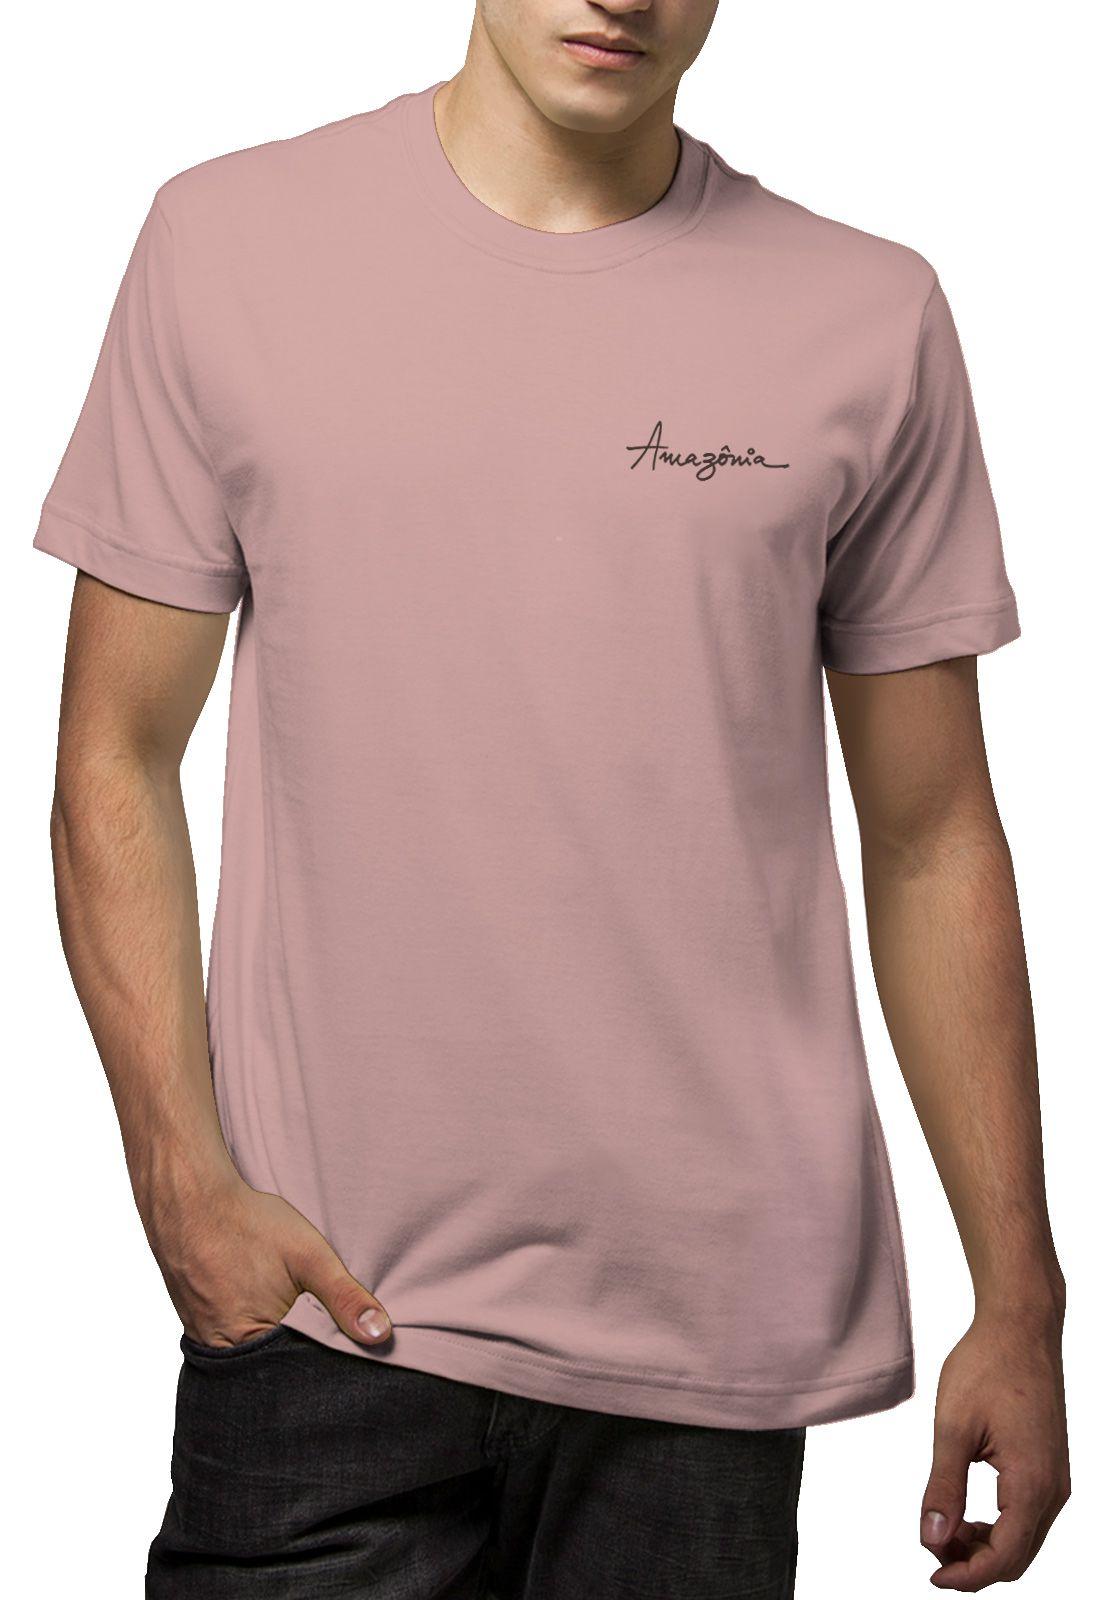 Camiseta Amazônia Tronco Broto - Rosa Claro